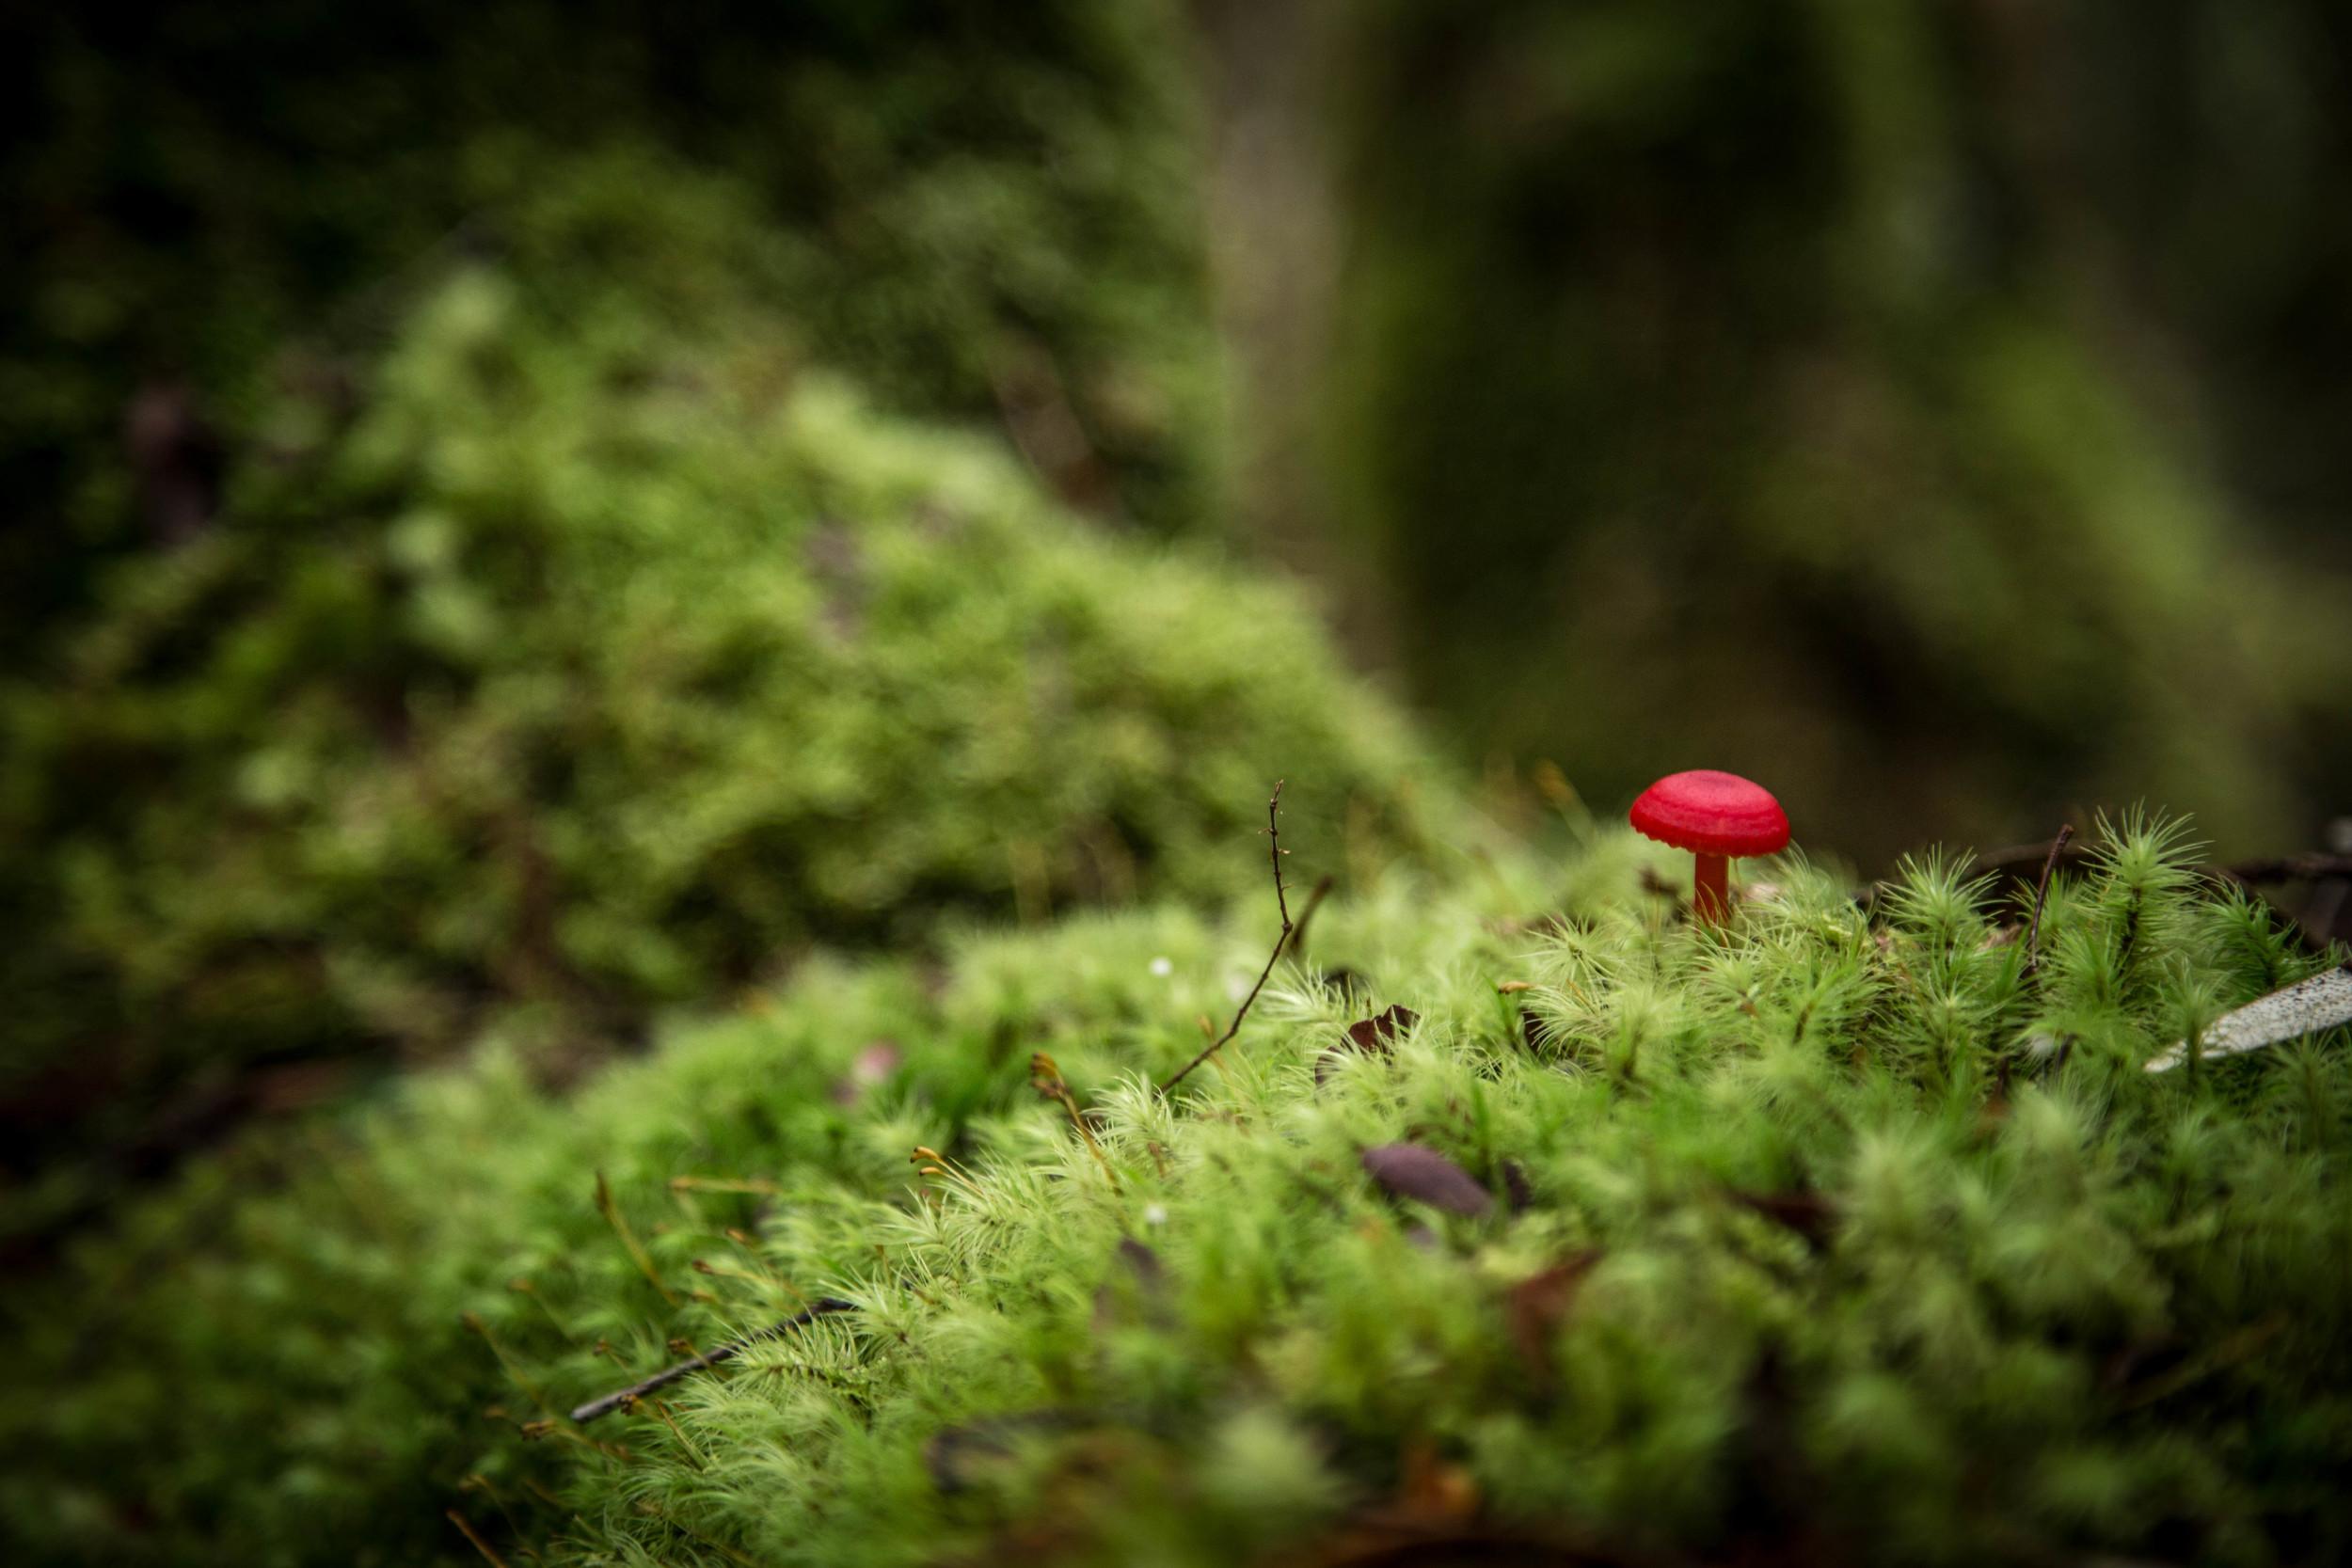 Wild Pedder - Fungi, Moss & Lichen within the Florentine Valley